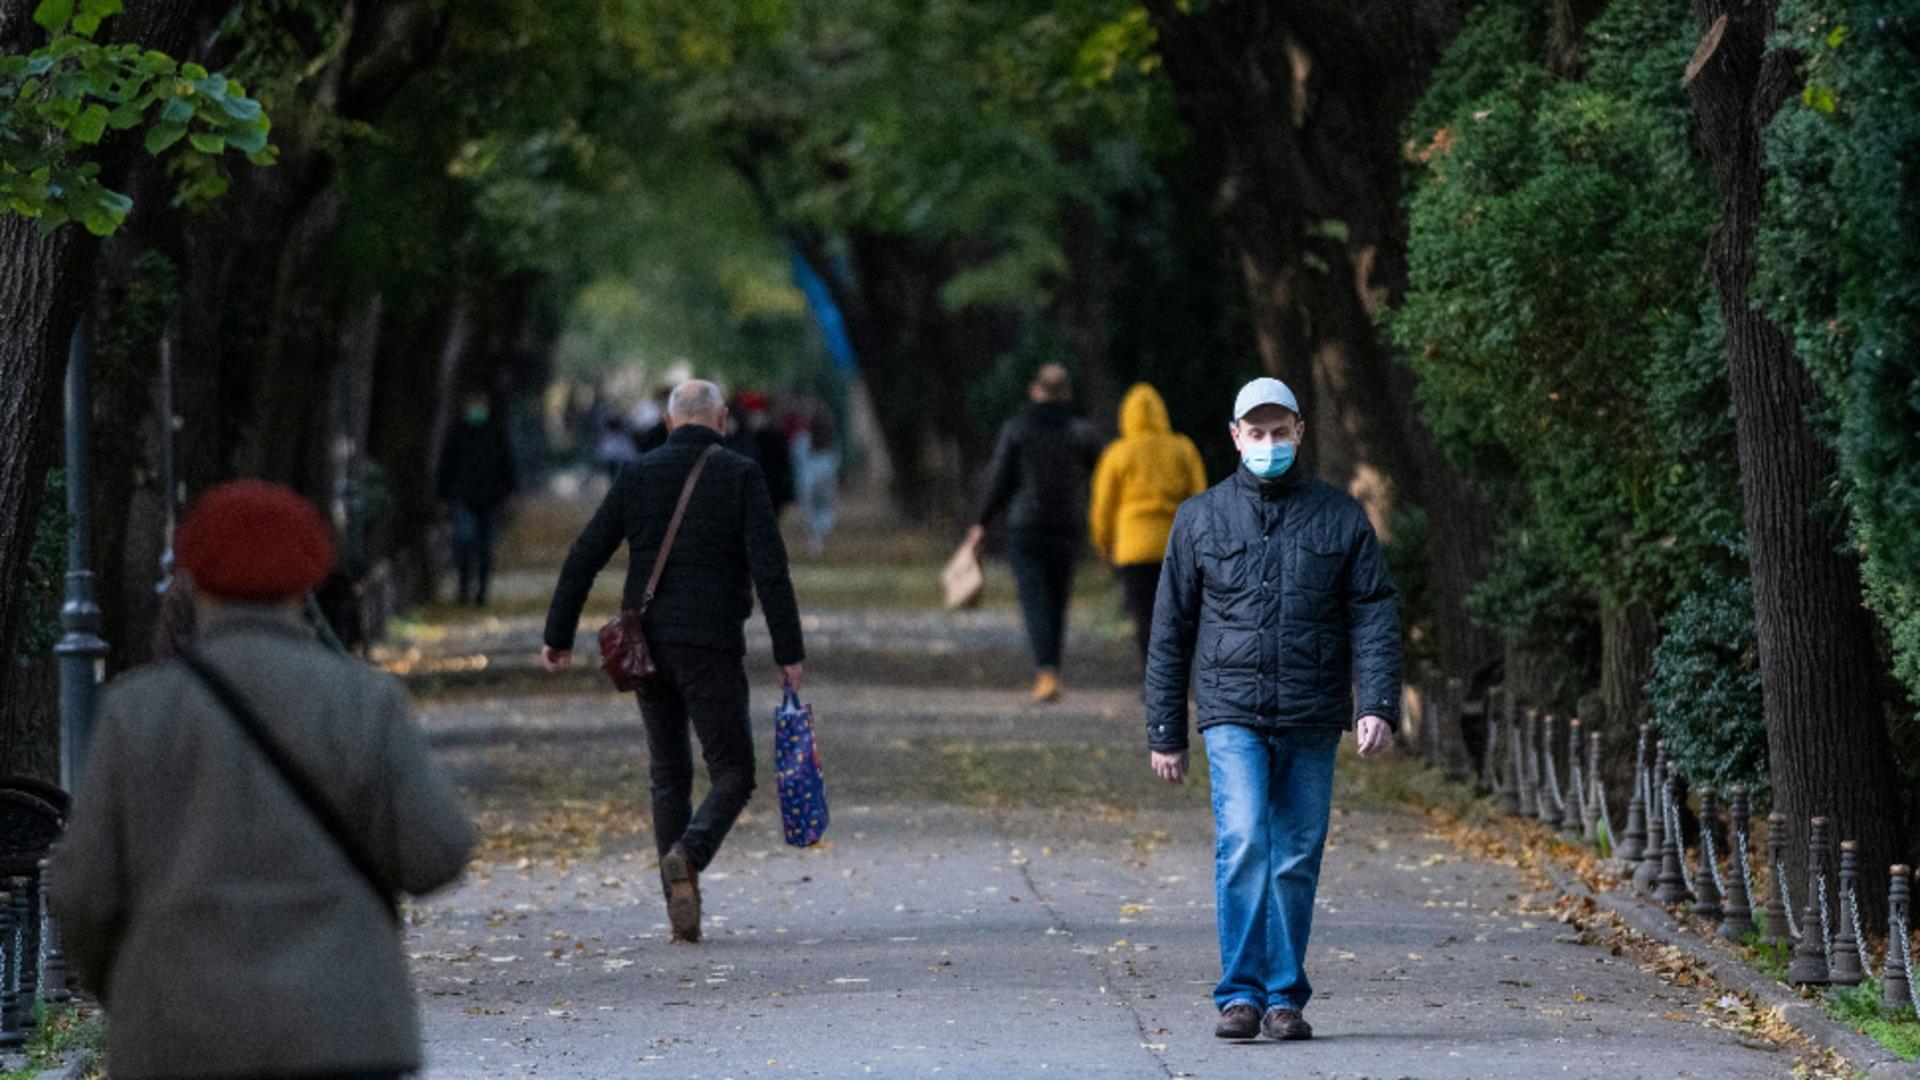 Rata de infectare a depășit pragul de 14 la mia de locuitori, în București. Sursa foto: Profi Media